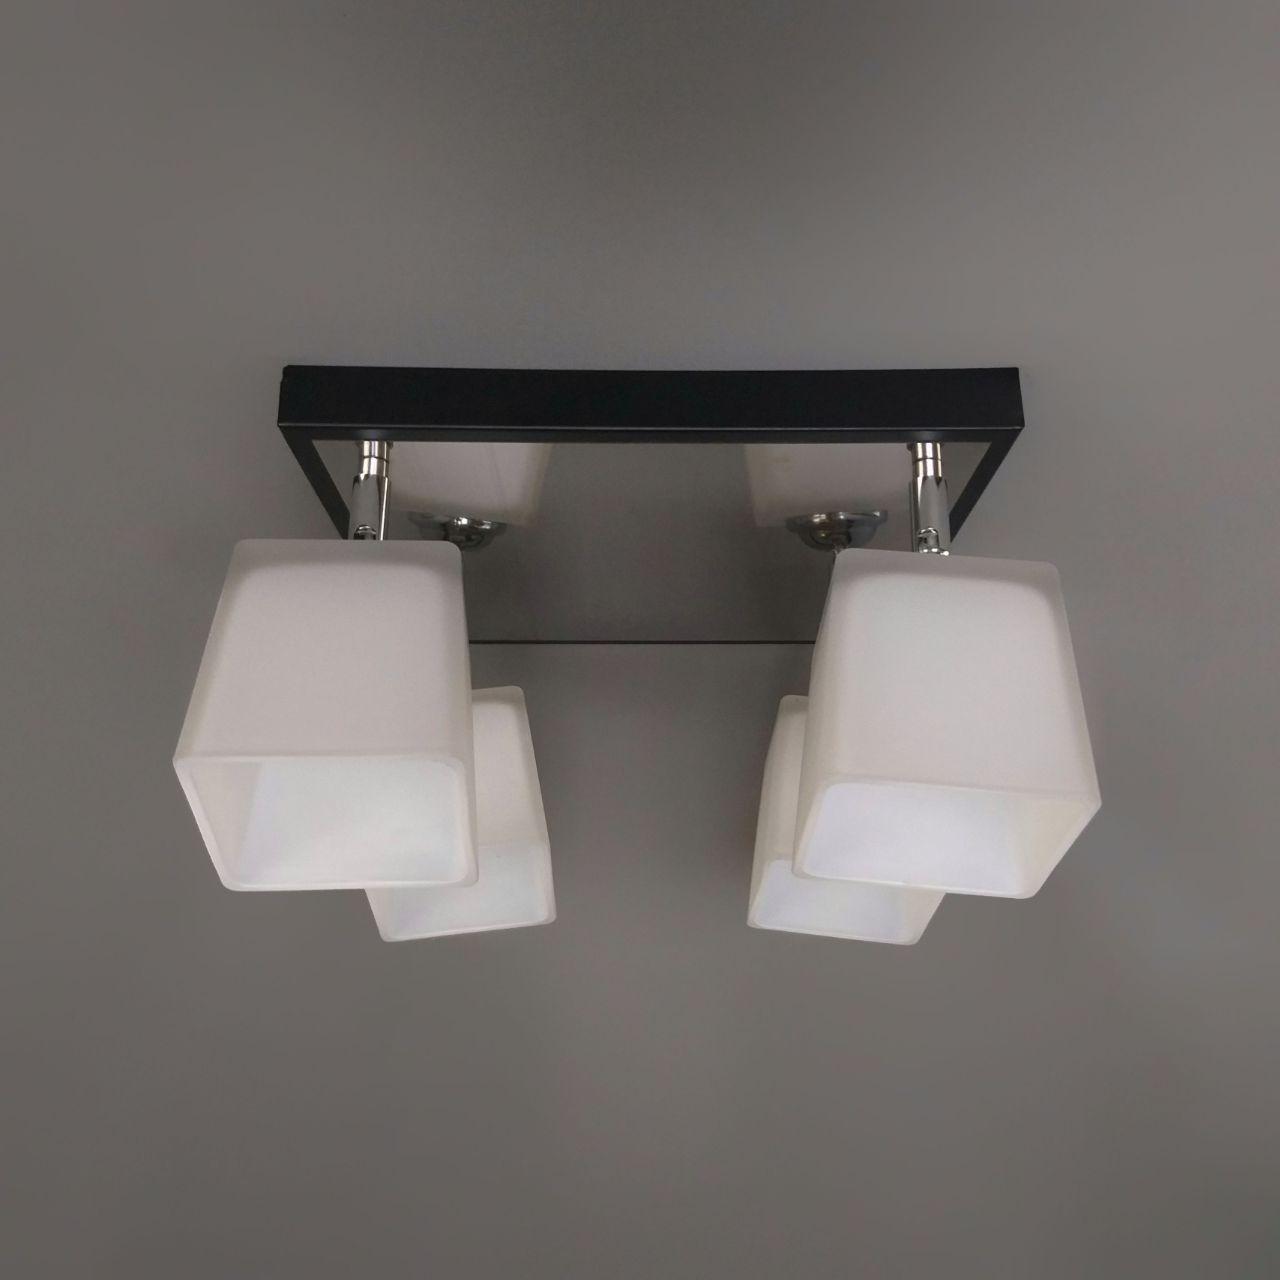 Люстра потолочная на 4 лампы 06-51203/4 CR+BK+WT